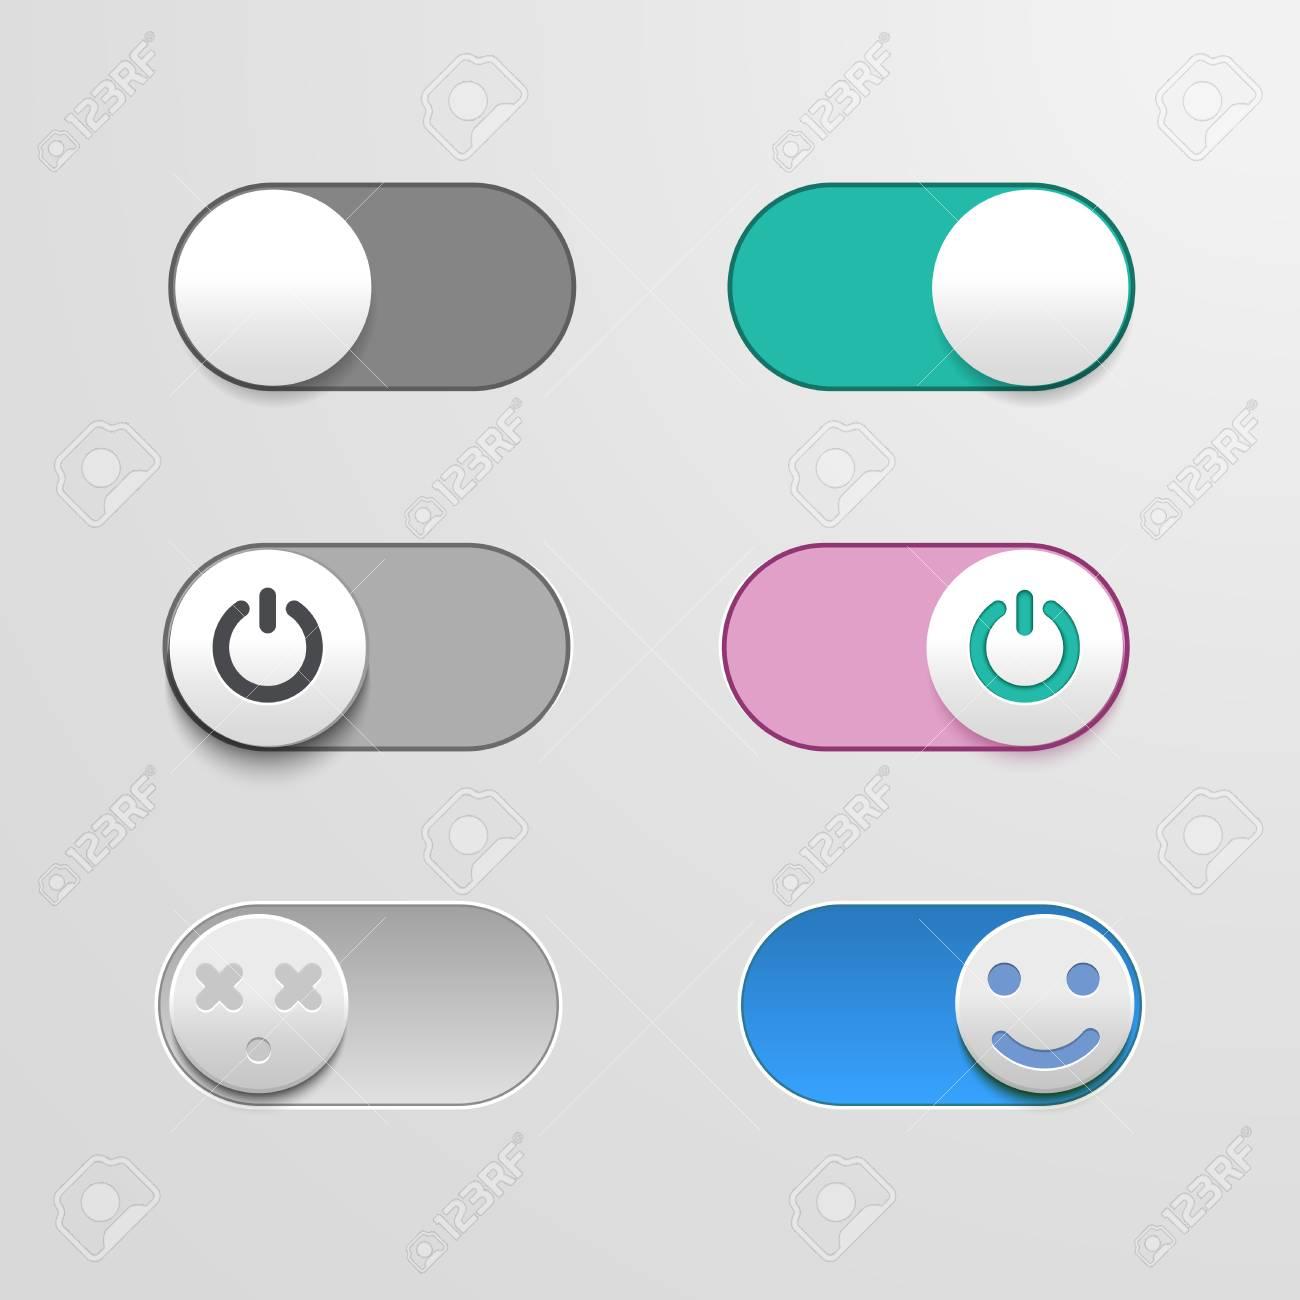 Toggle Switch Set On Und Off Schieberegler Elemente Fr Ihr Design Standard Bild Die Schalter In Form Von Smiley